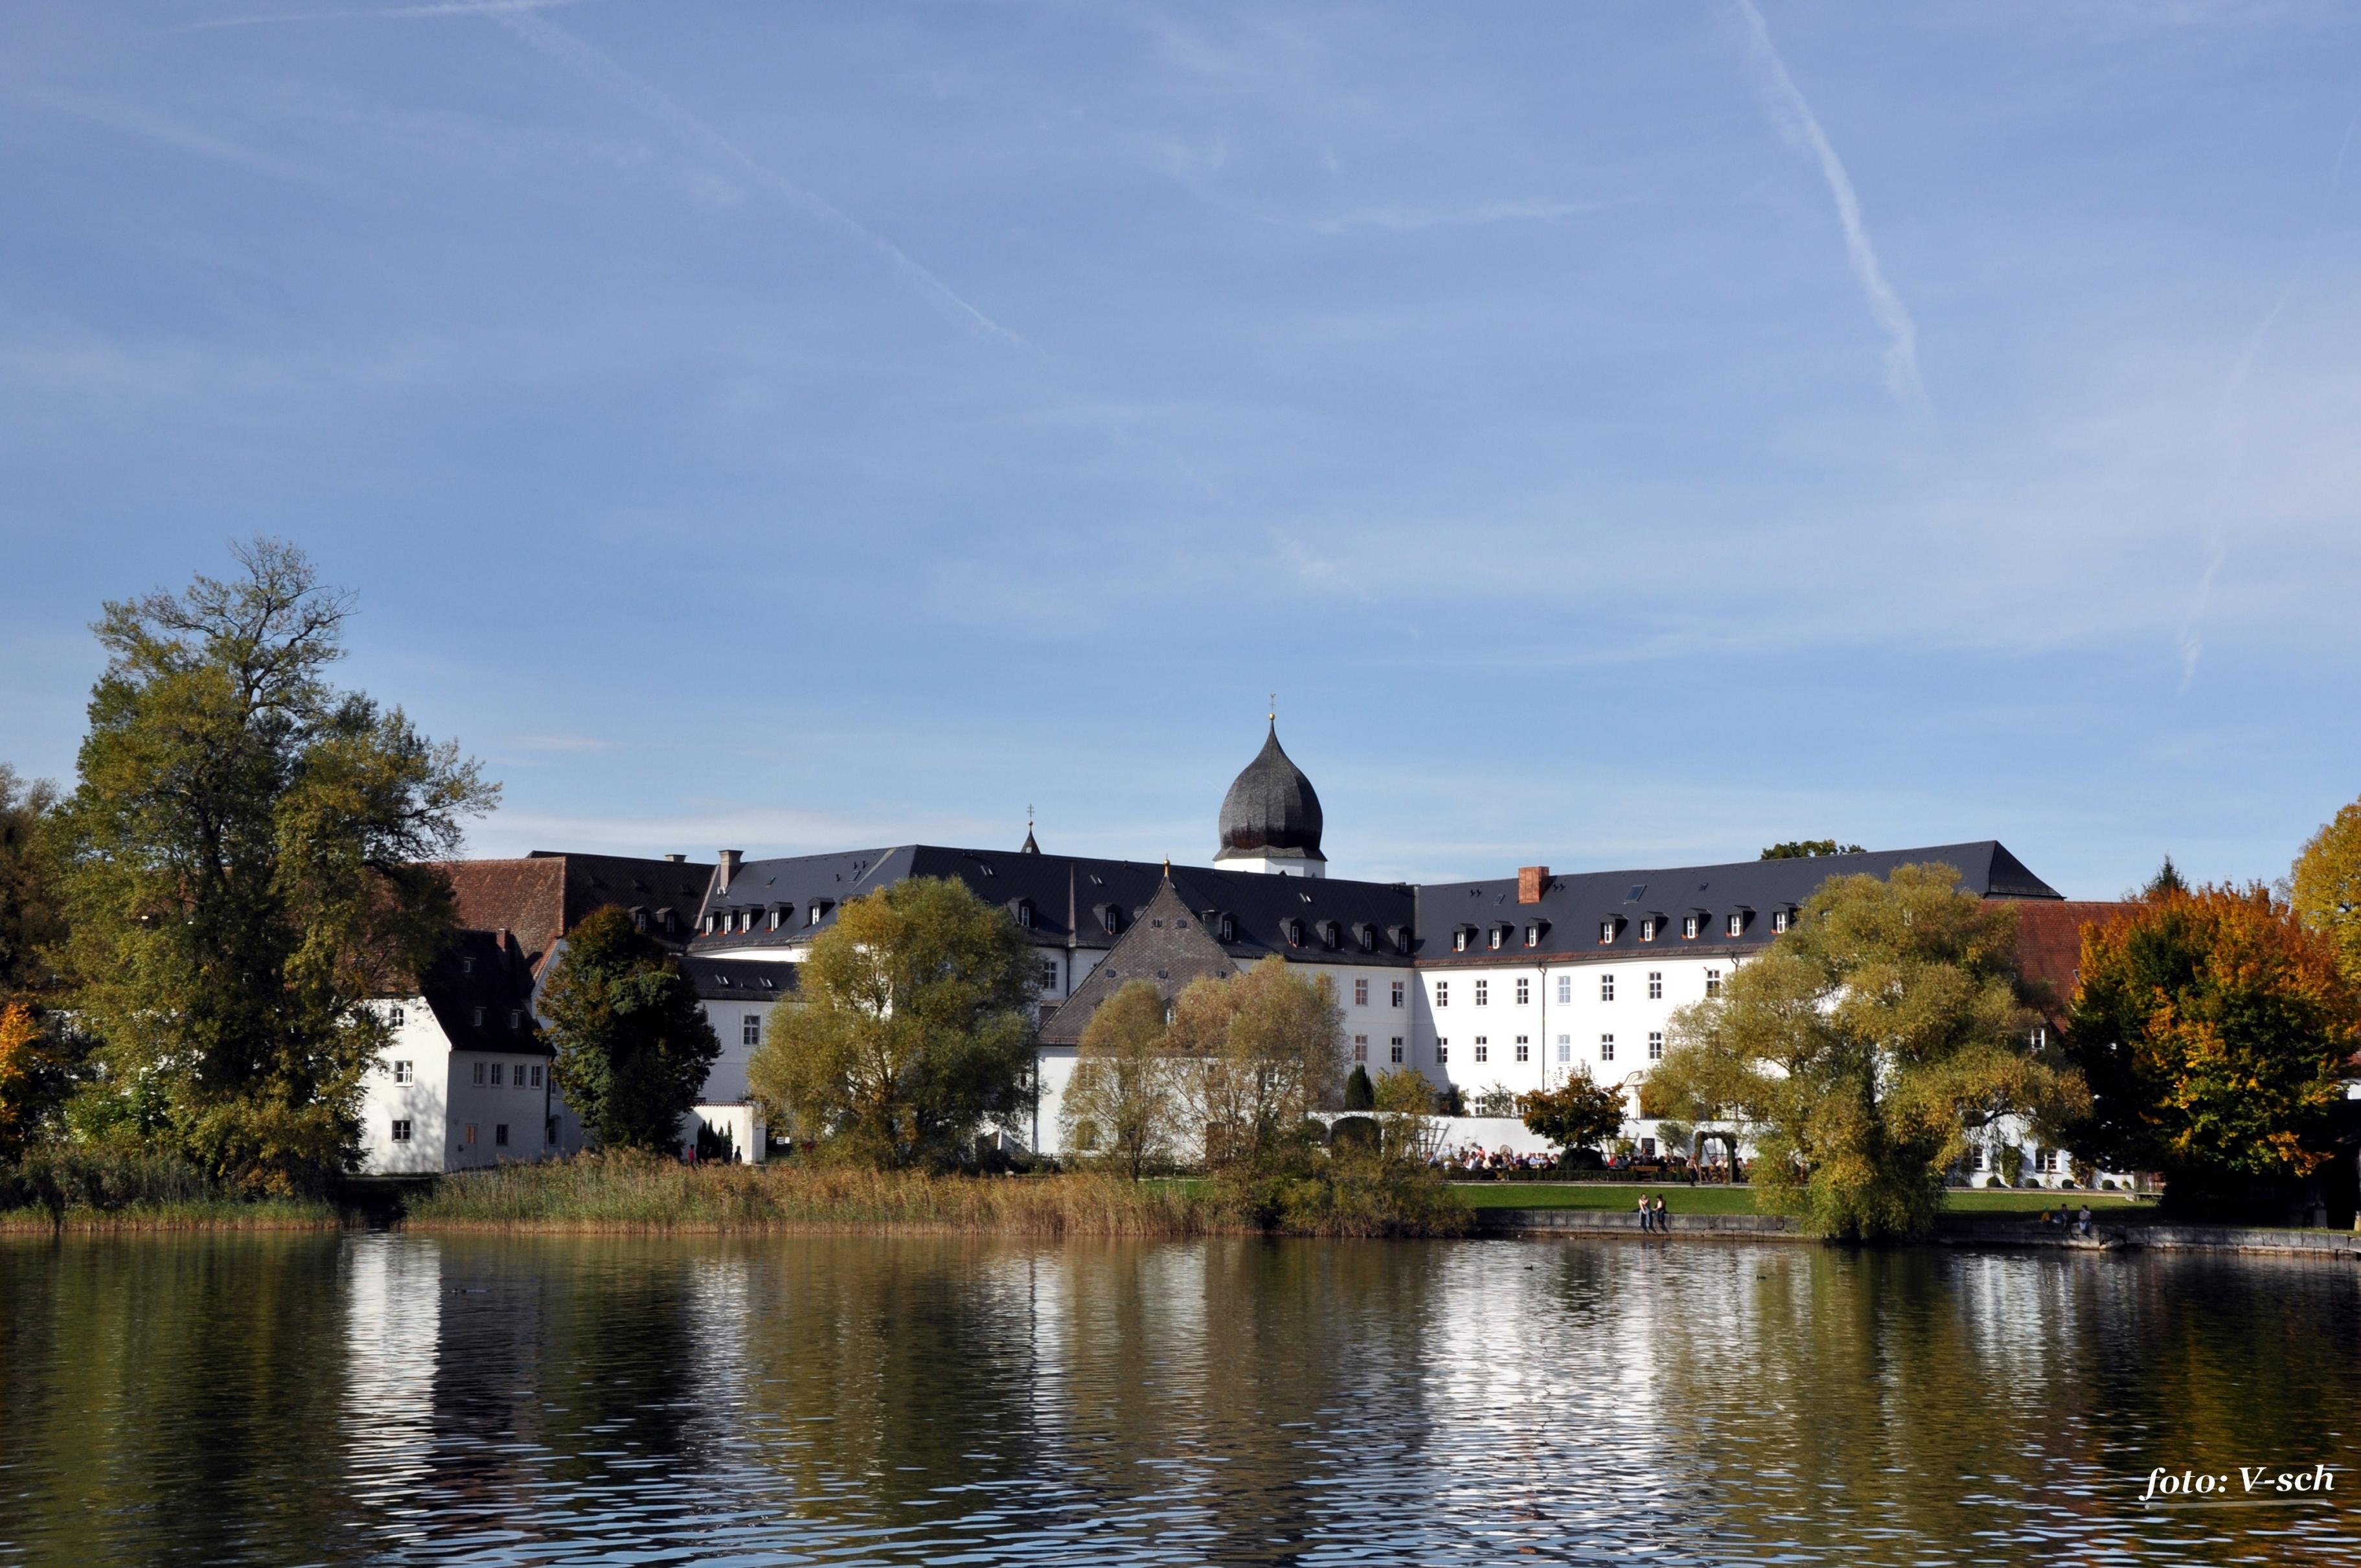 Экскурсия в королевский дворец Херренхимзее и Зальцбург